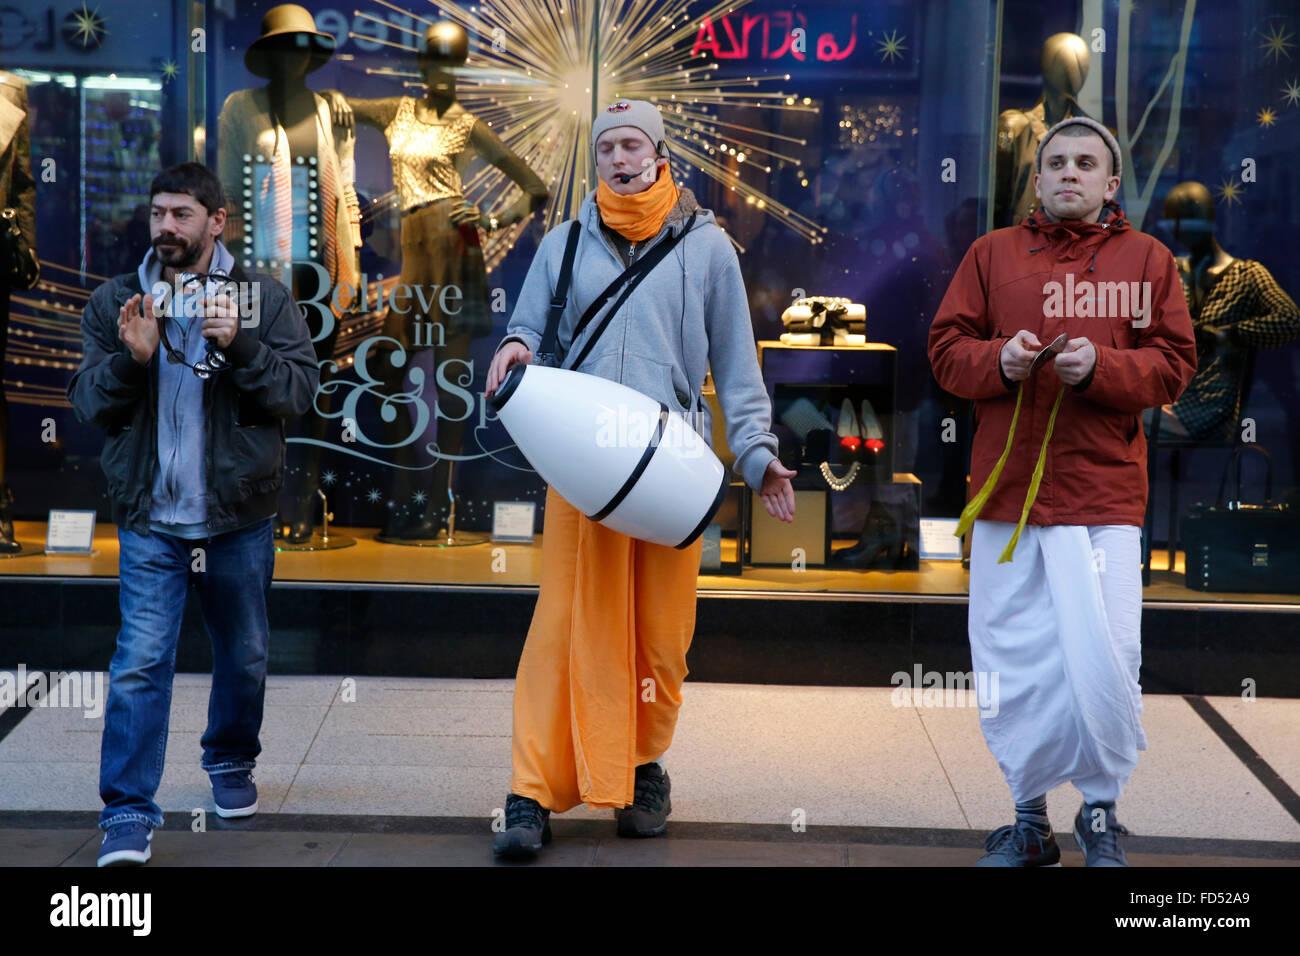 Les dévots Hare Krishna sur Oxford Street, Londres Banque D'Images